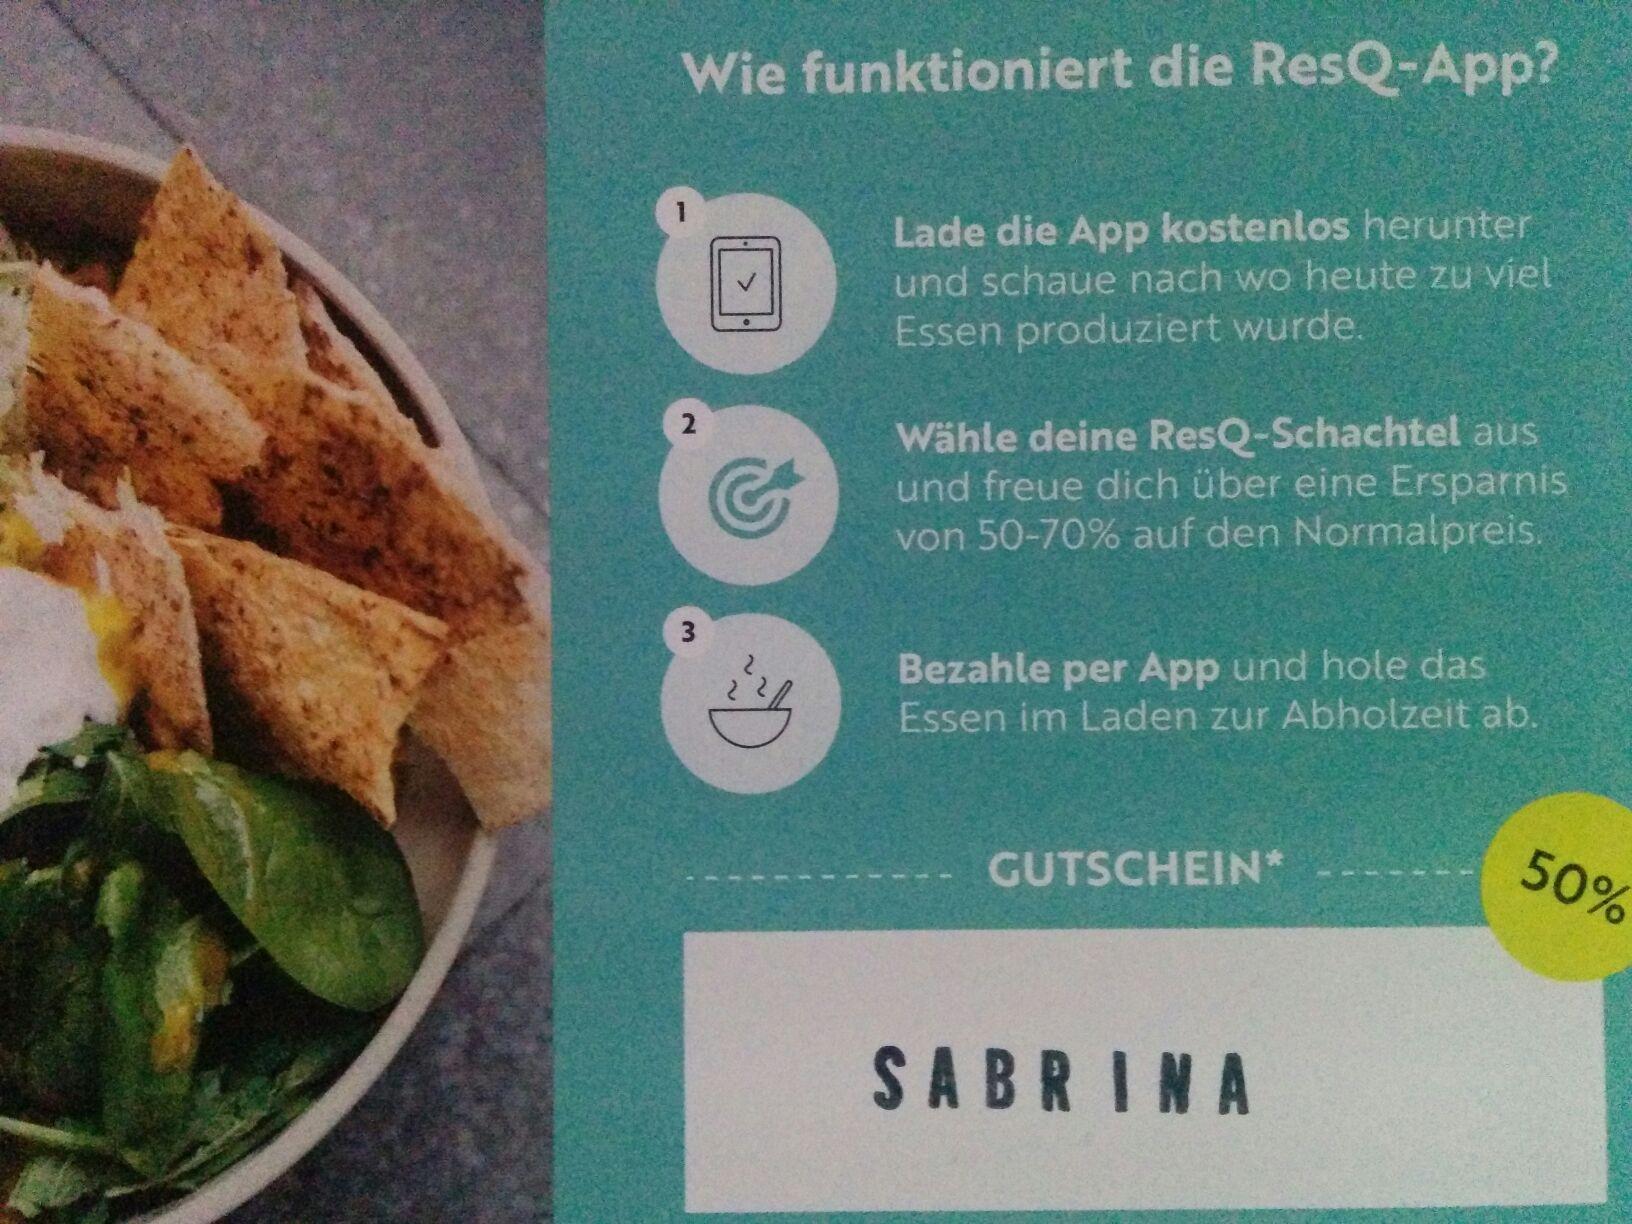 [Berlin] RESQ Gutschein einmal 50% auf eine Box (Neu- und Bestandskunden)